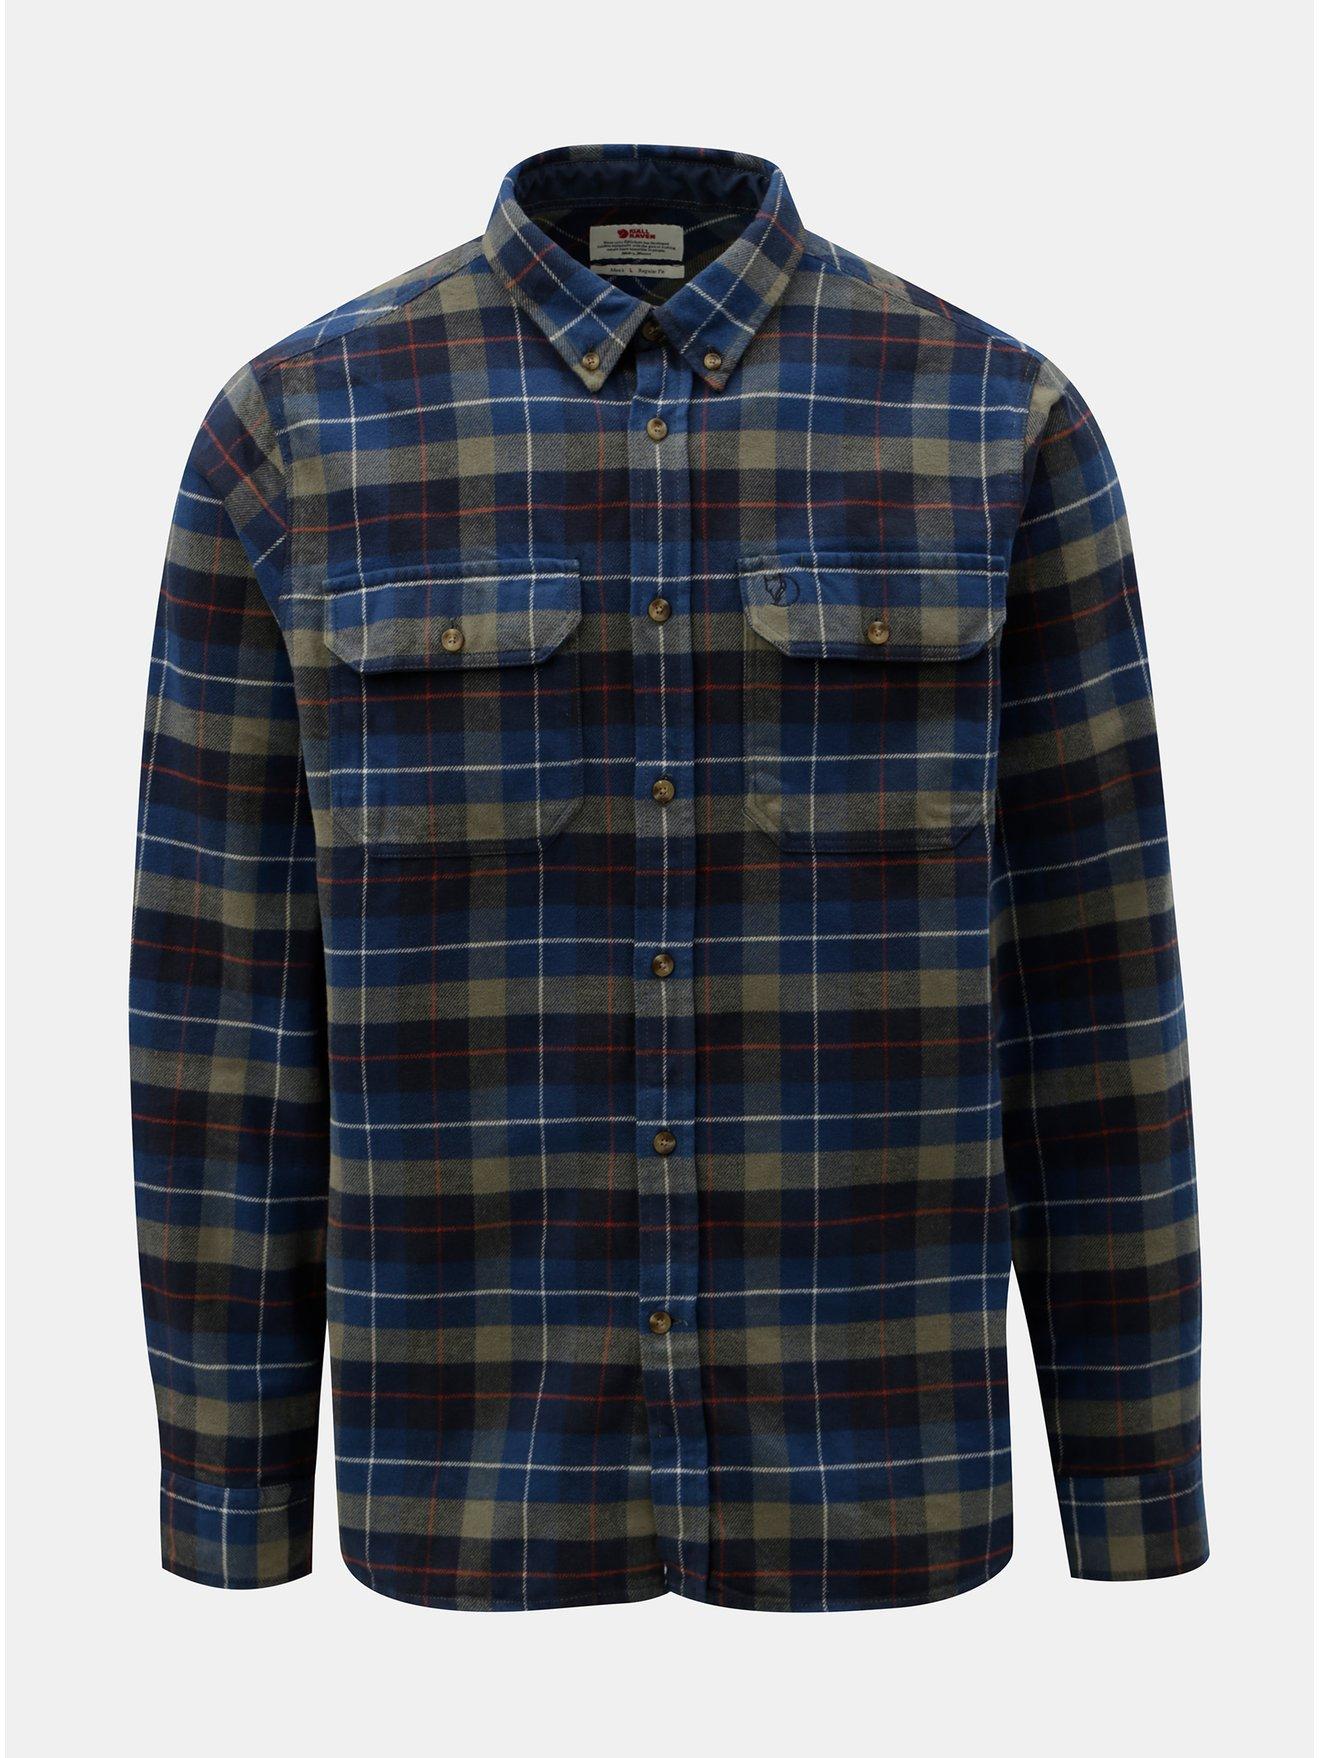 Modrá pánská károvaná flanelová košile Fjällräven Singi 46da91188a